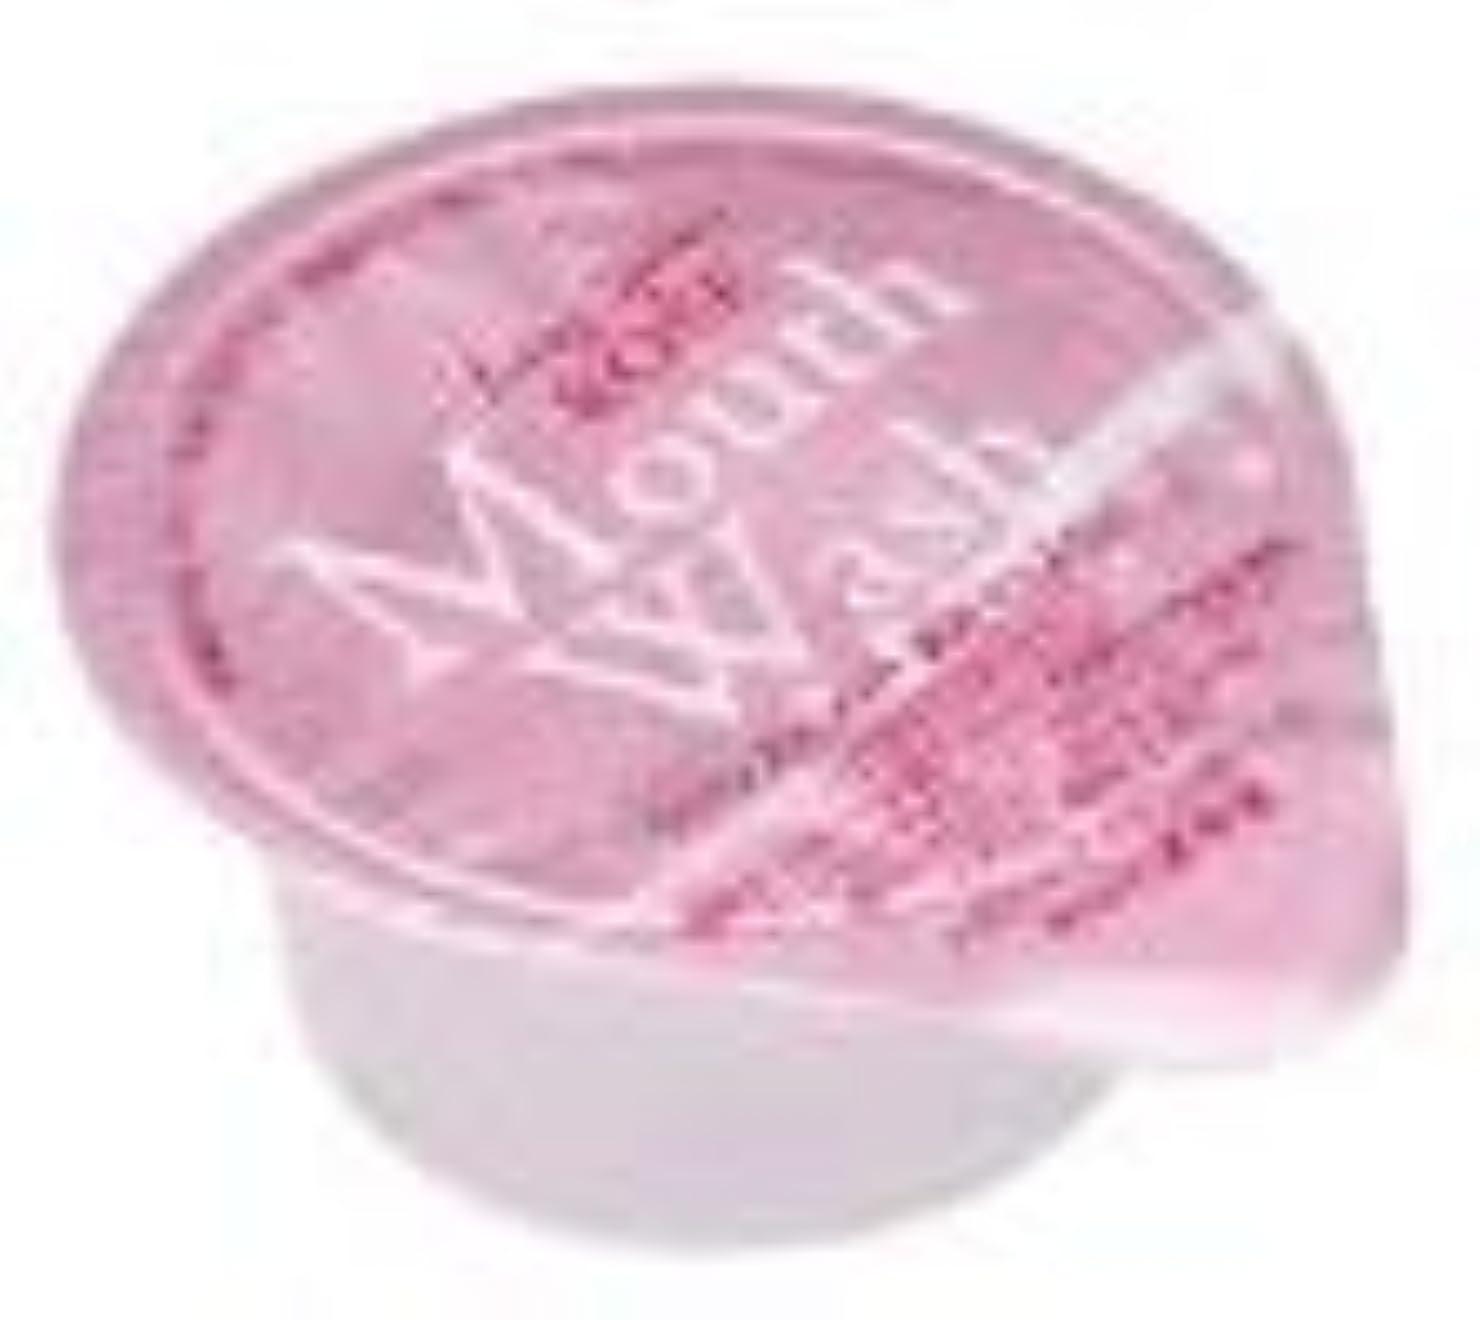 医学リマーク製作オキナ 薬用マウスウオッシュ ロングスピン ピンク ローズ 1000個セット